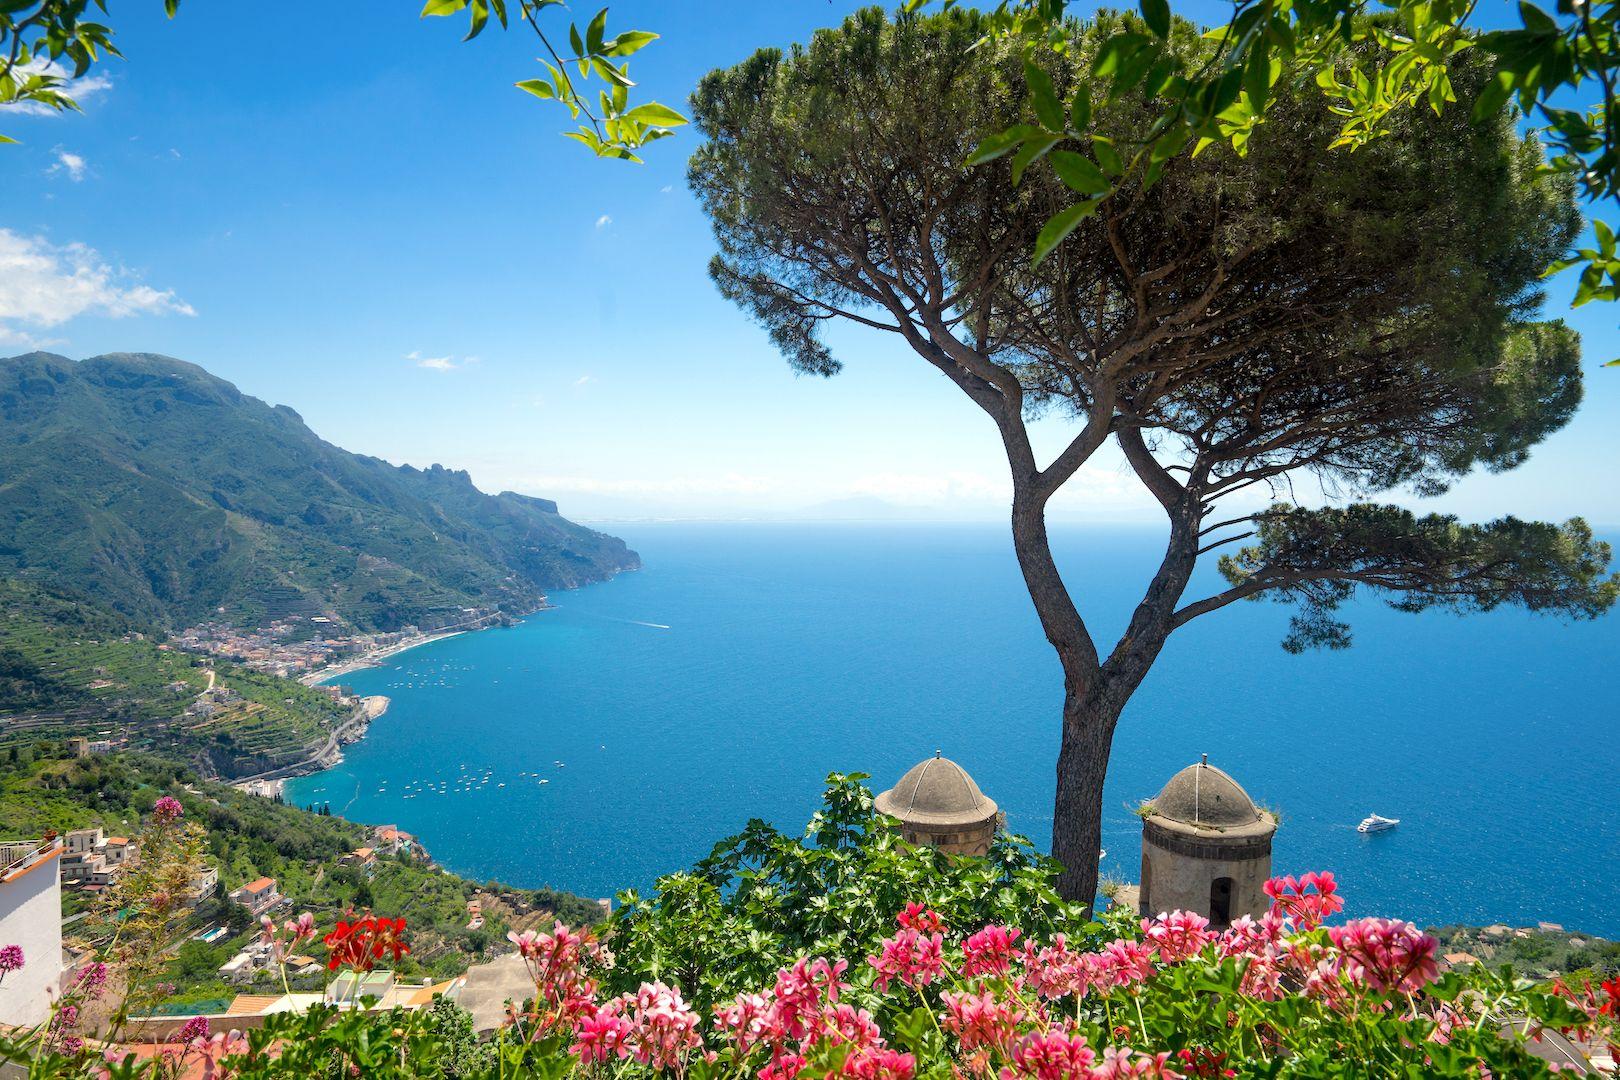 2-Tages-Tour: Amalfiküste- und Capri-Tour mit Übernachtung in Sorrent